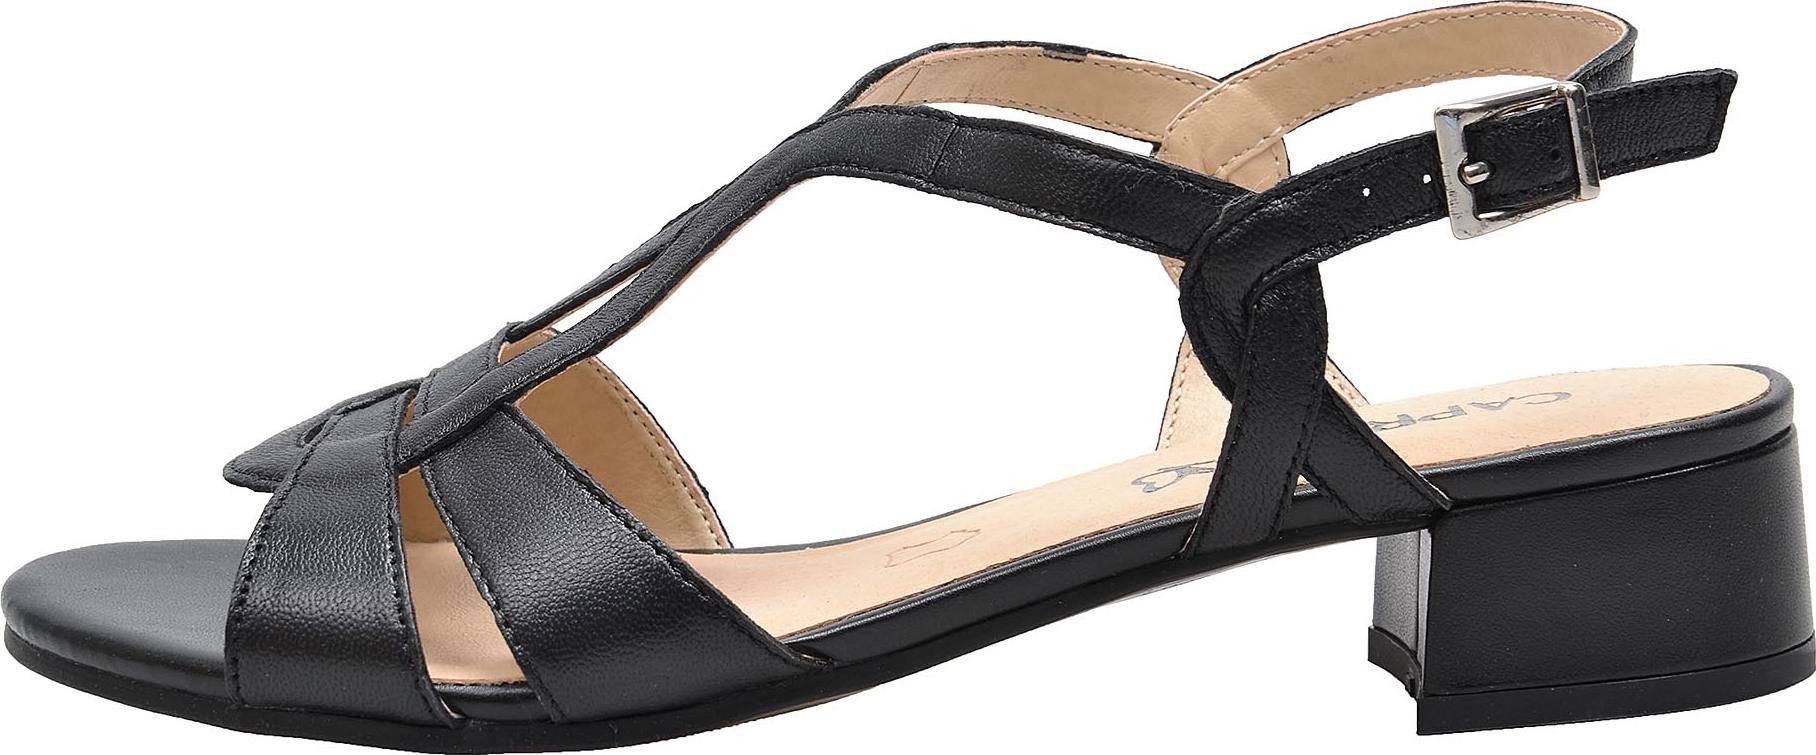 Dámská obuv CAPRICE 9-9-28201-20 BLACK NAPPA 022 – BOTY RIEKER 999e40ce2d4